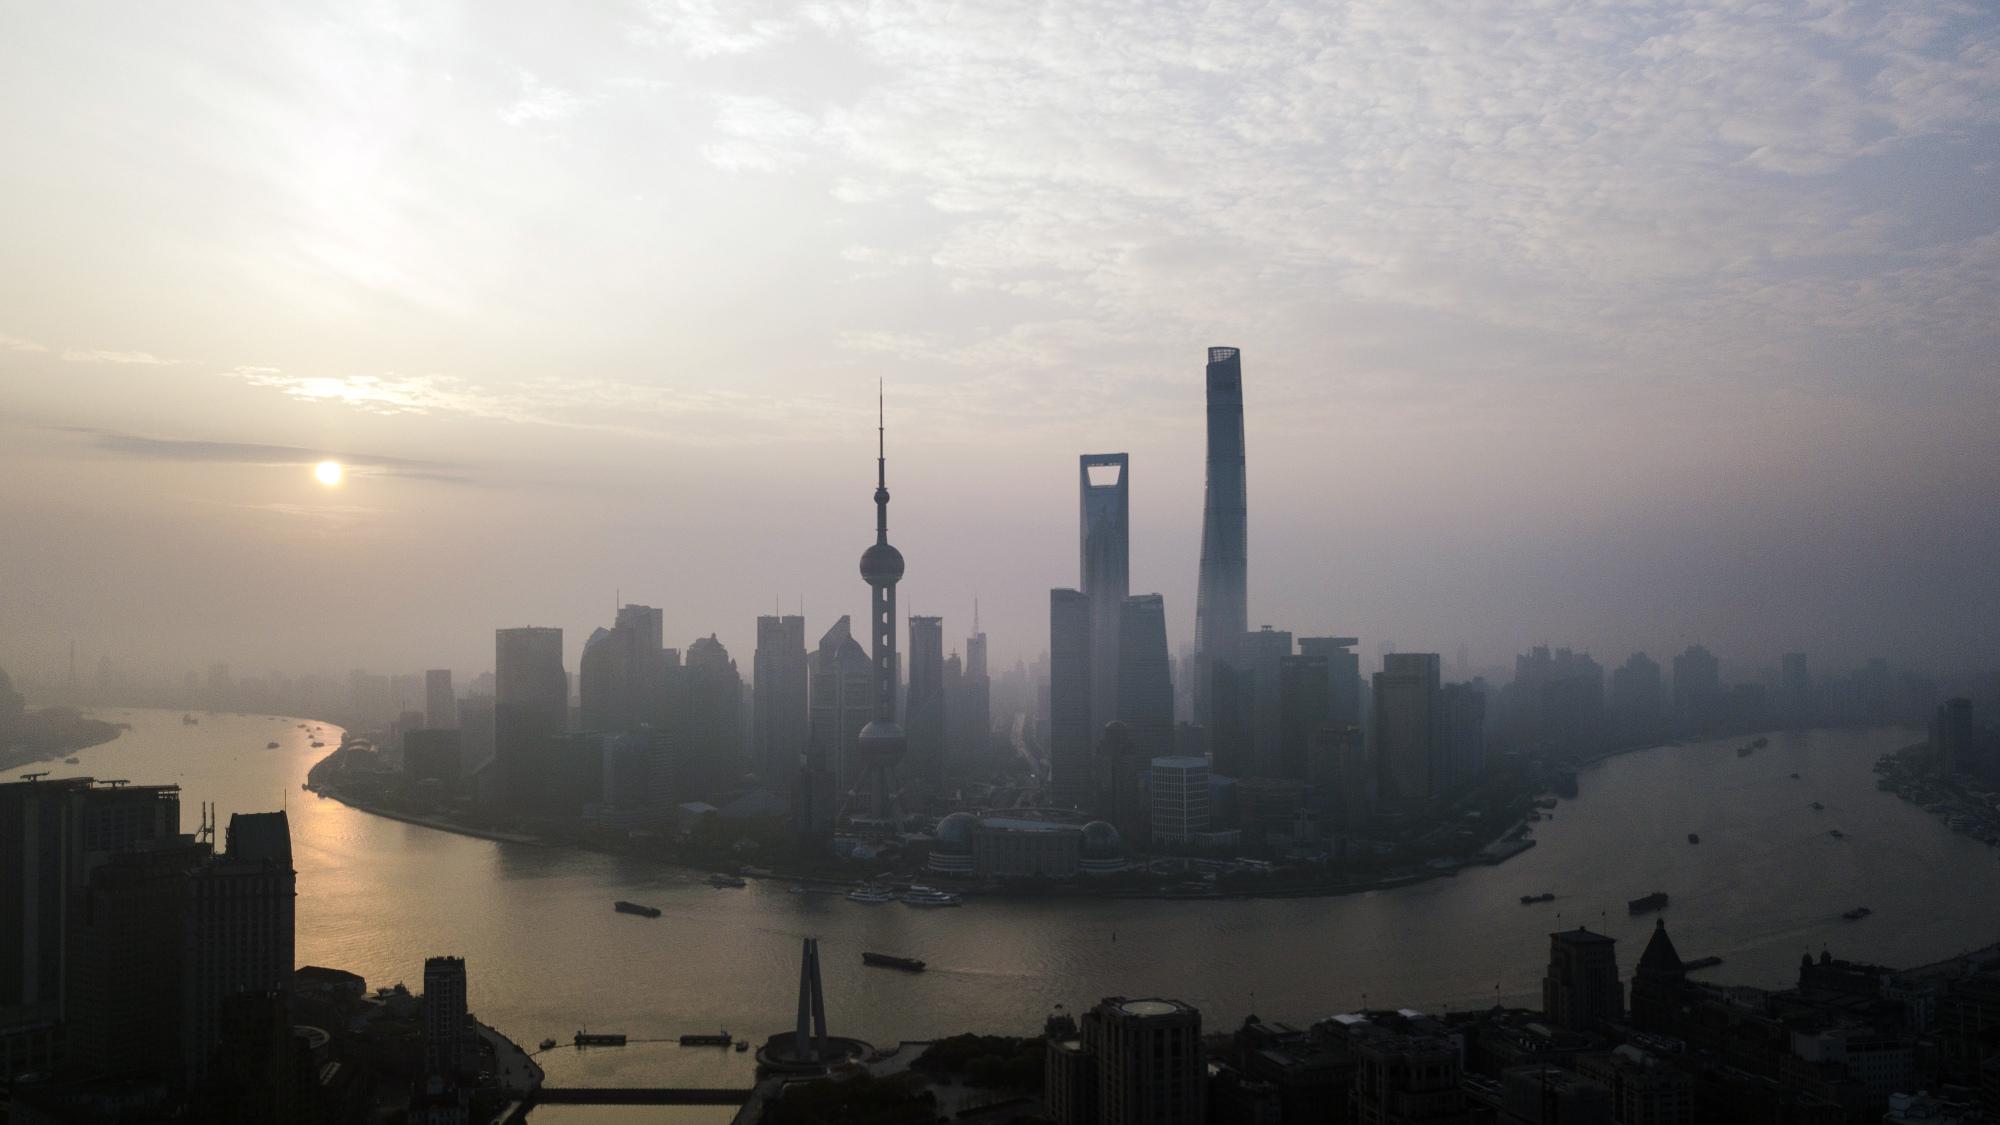 アジアに債務危機再来の「不吉」な兆候-マッキンゼーが警告 - Bloomberg